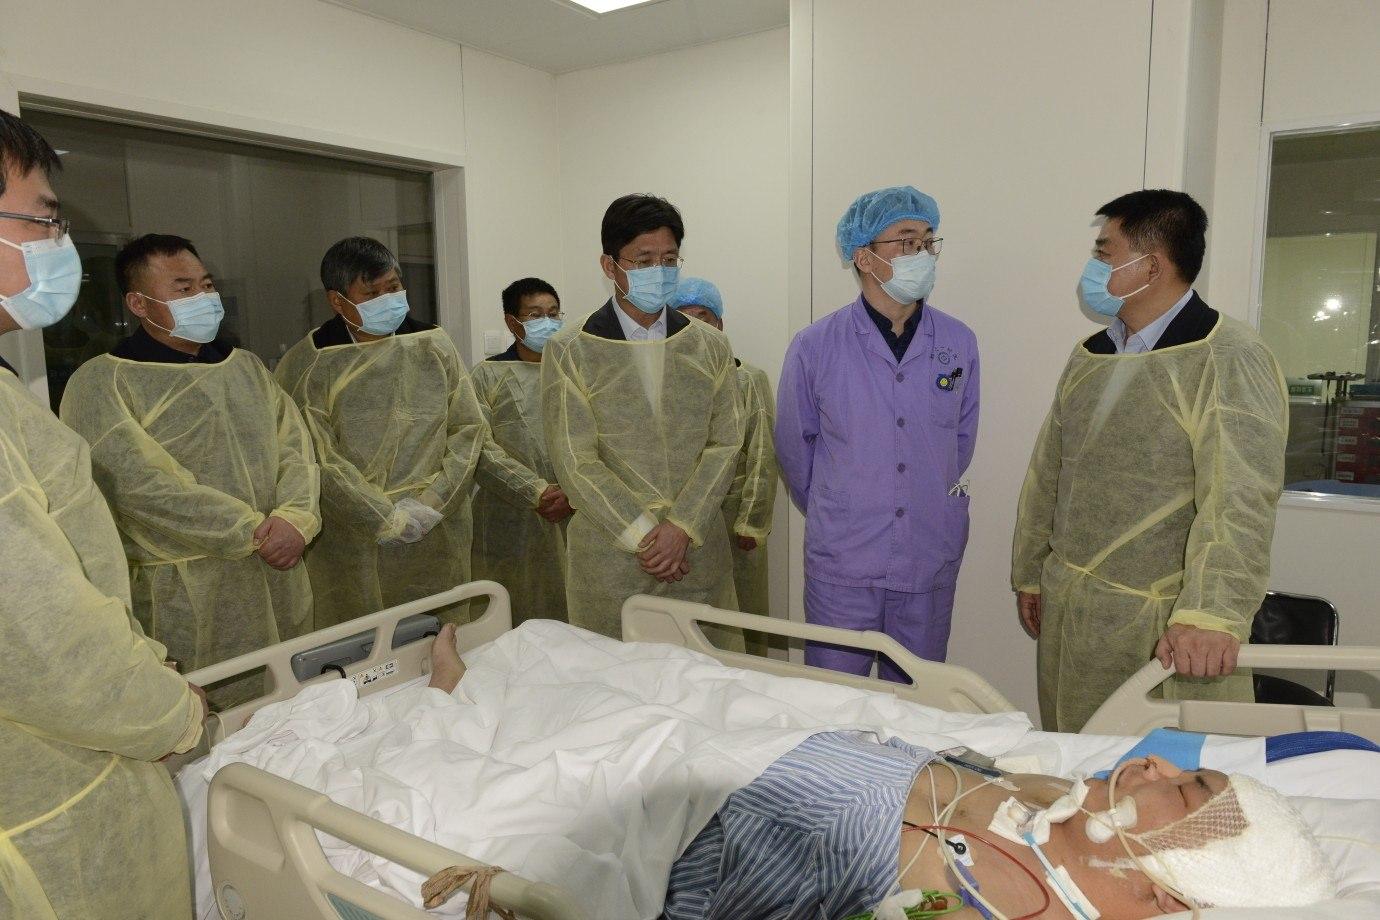 周口负伤民警至今已昏迷14天,陪护民警称,医生表示有所好转